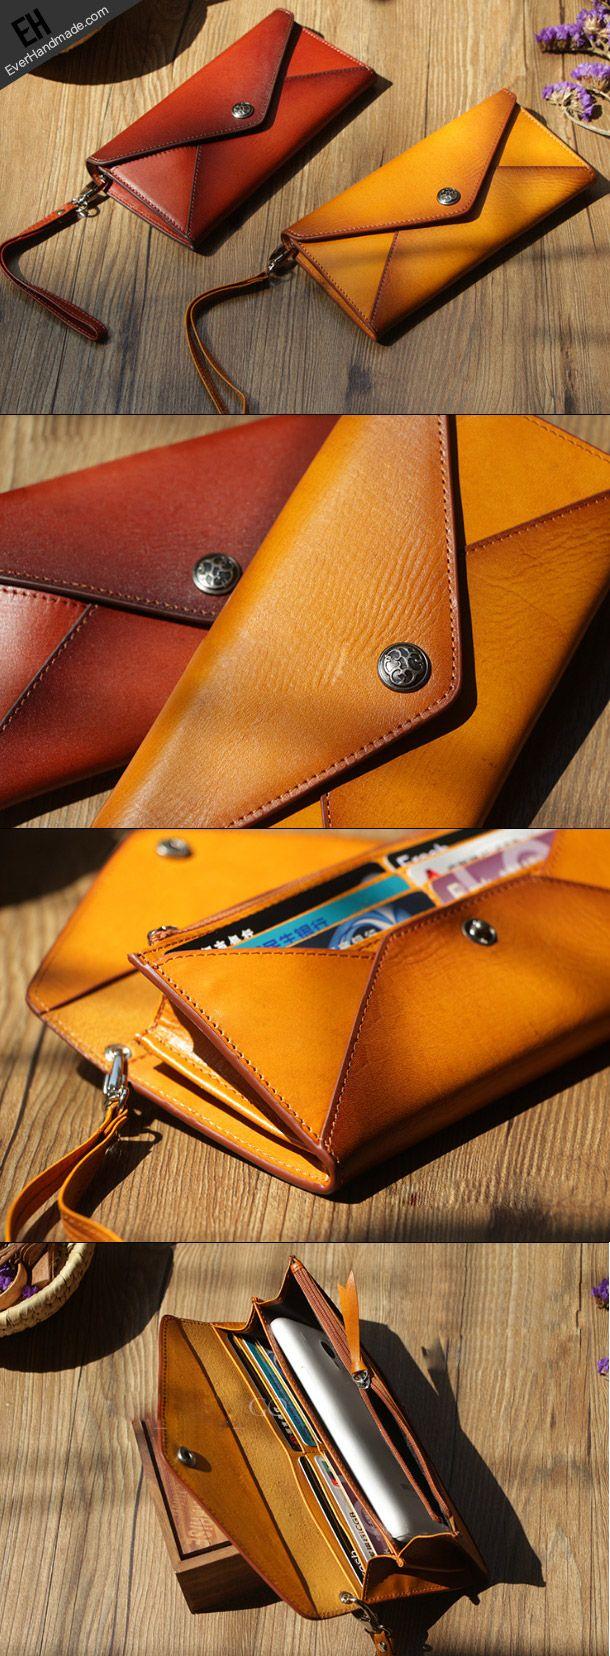 Handmade Genuine leather bifold envelope clutch purse long wallet purse clutch women